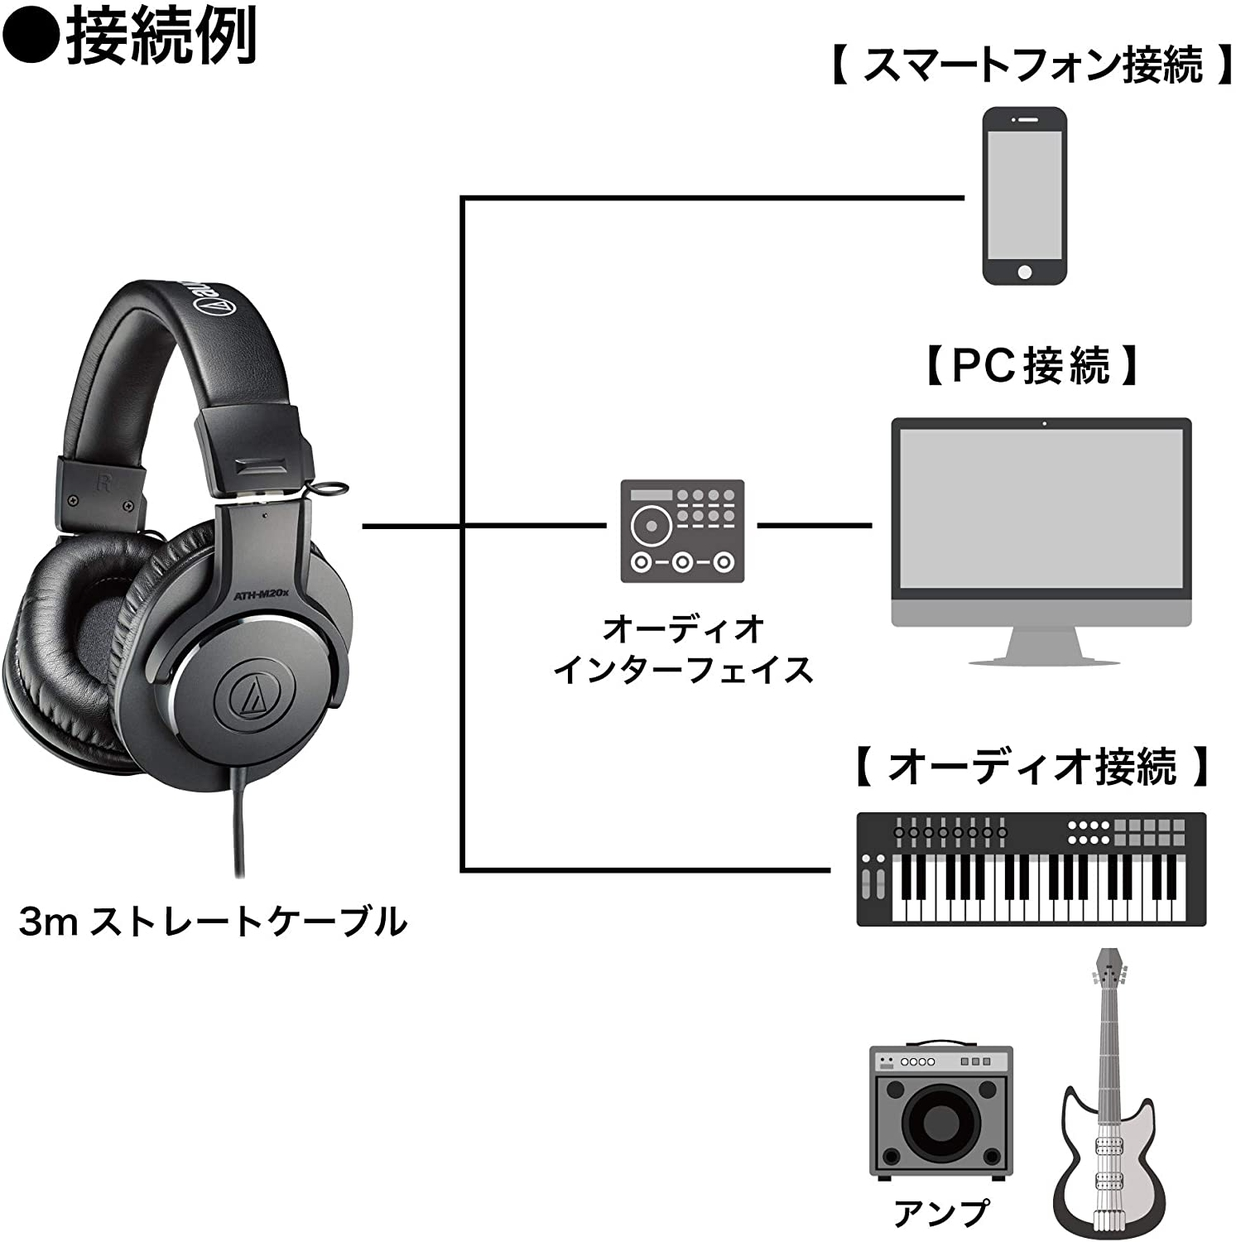 audio-technica(オーディオテクニカ) プロフェッショナルモニターヘッドホン  ATH-M20xの商品画像4